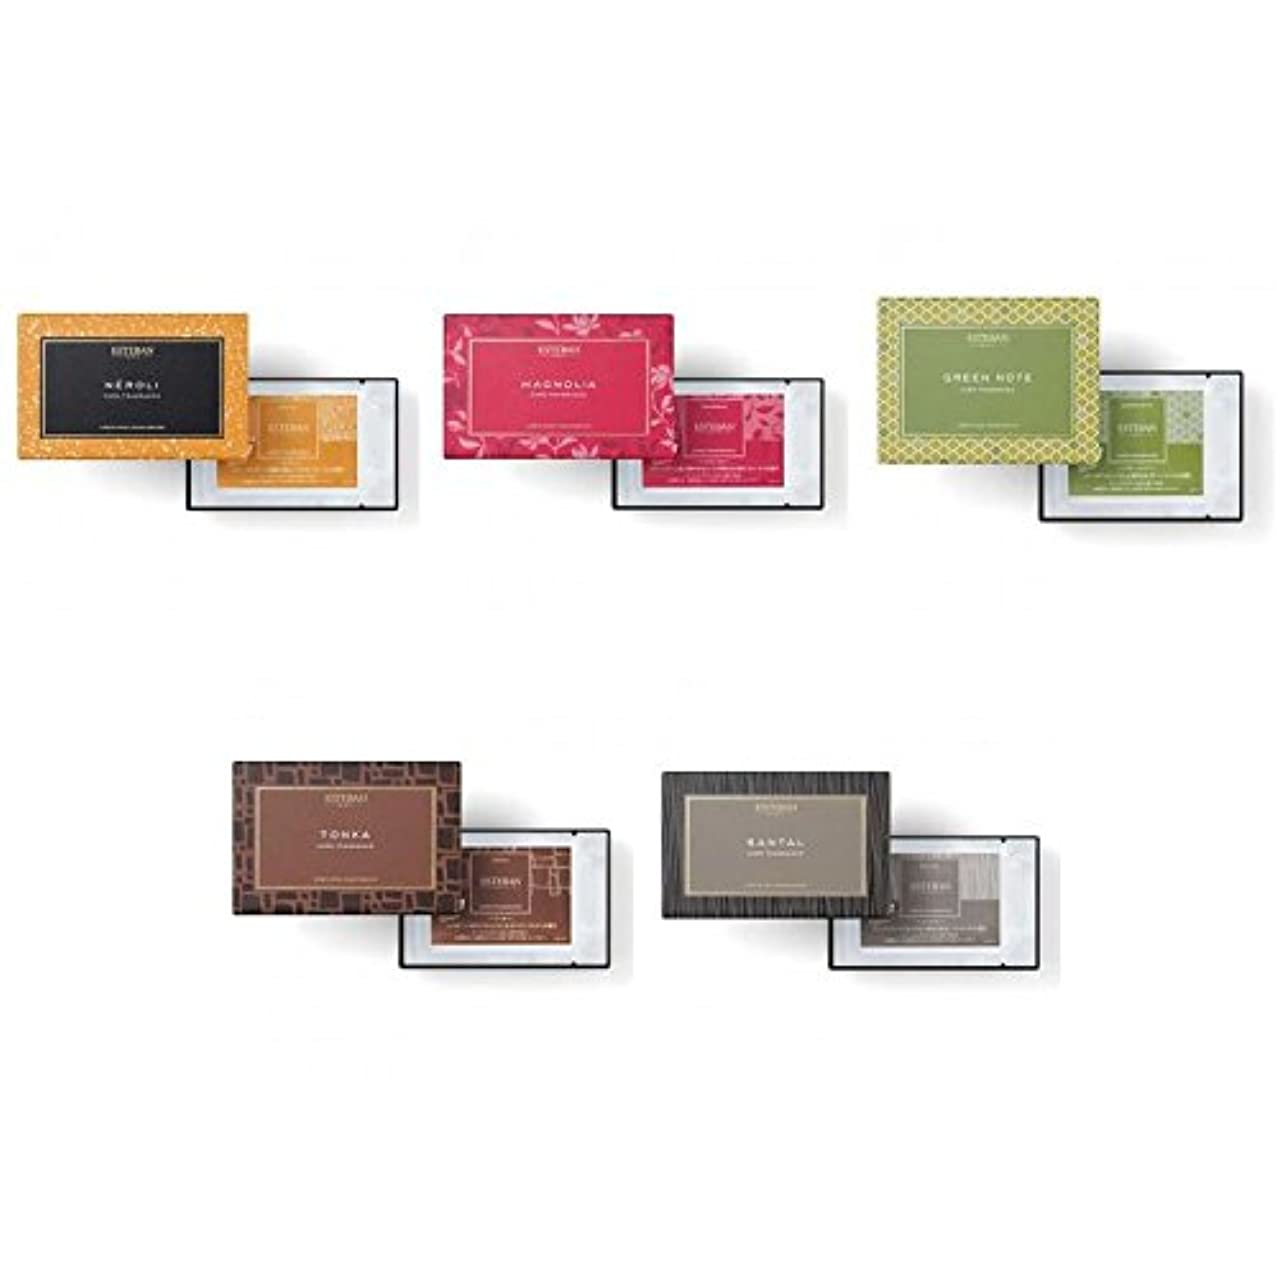 決済一元化する血統エステバン カードフレグランス 5種セット